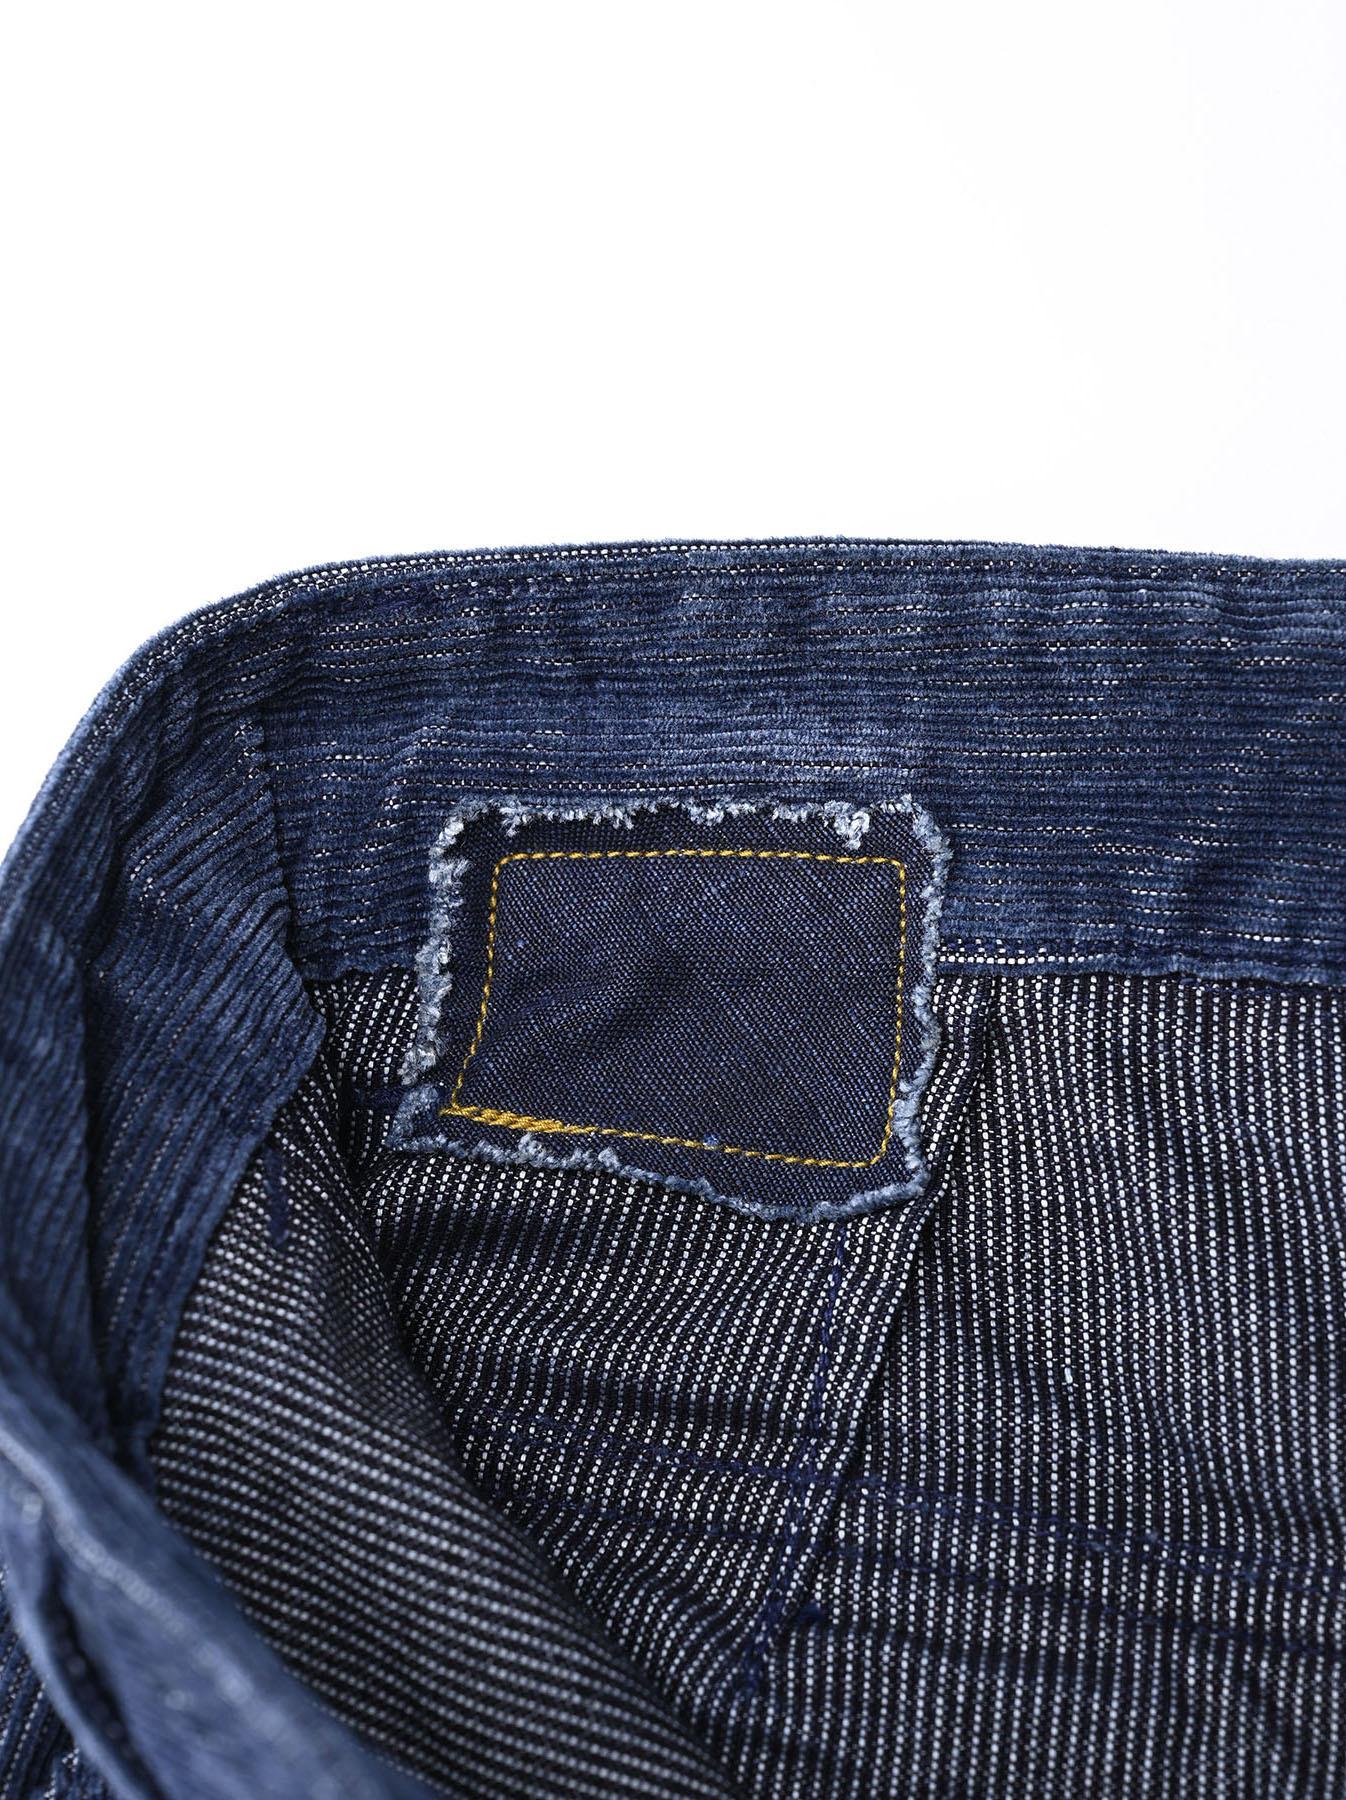 Indigo Corduroy 908 Baker Pants-12